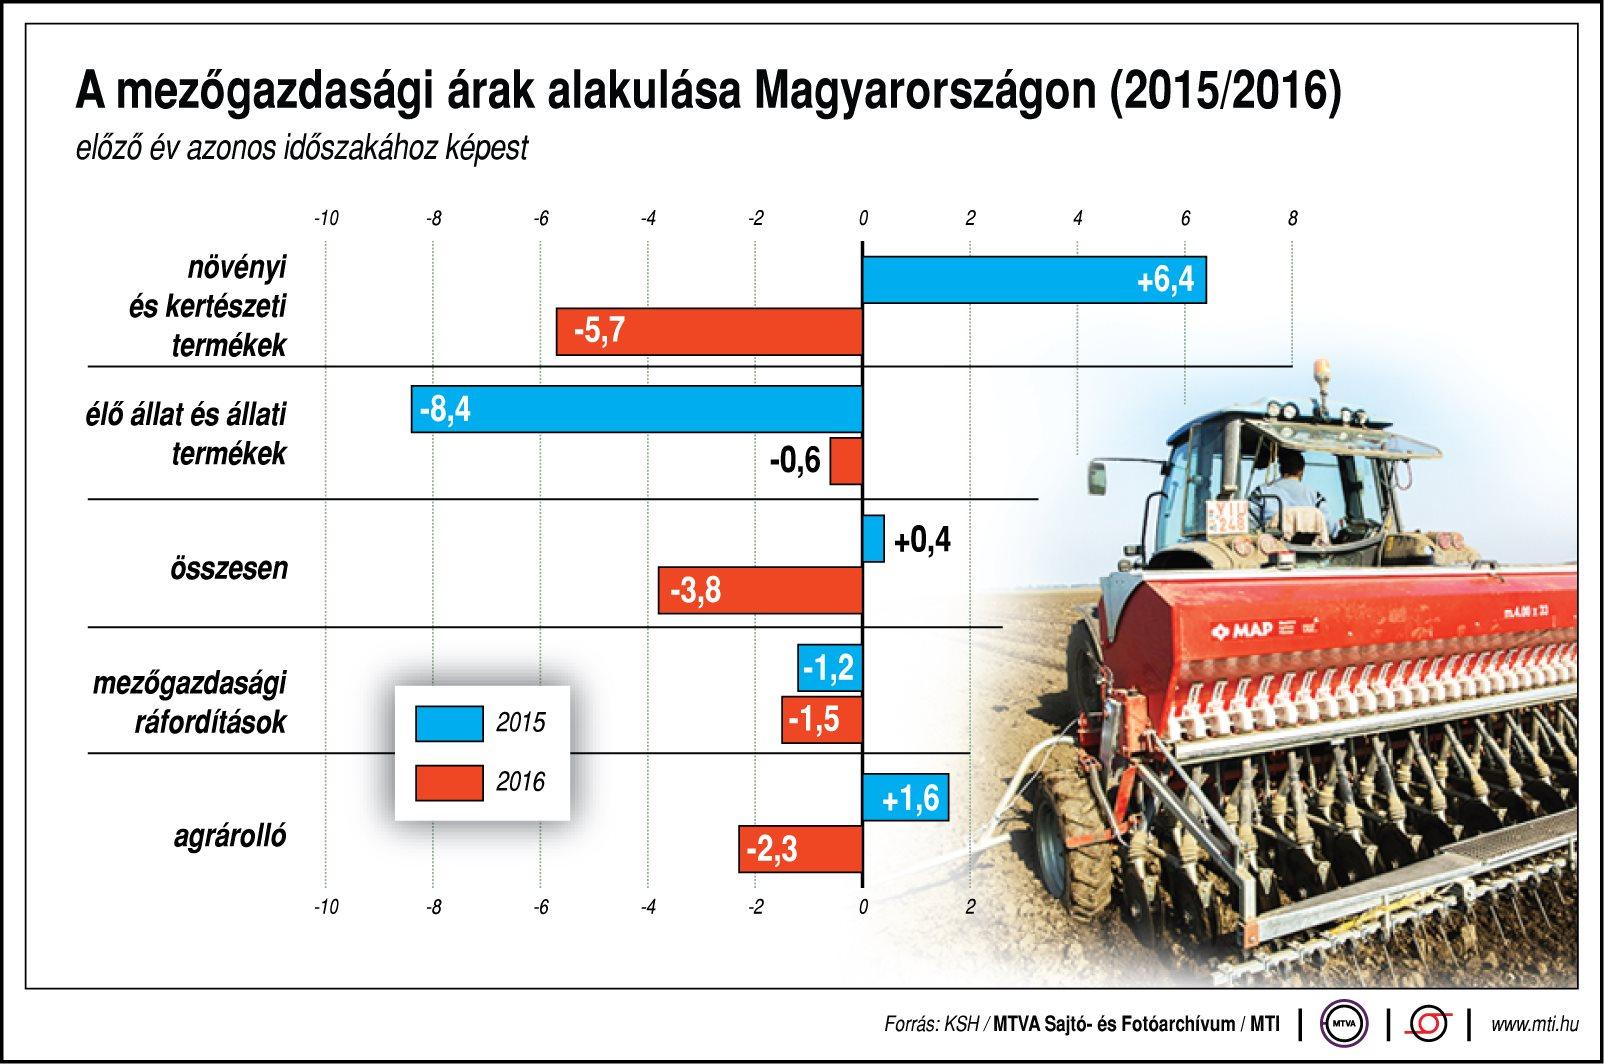 A mezőgazdasági árak alakulása - egy ábrán